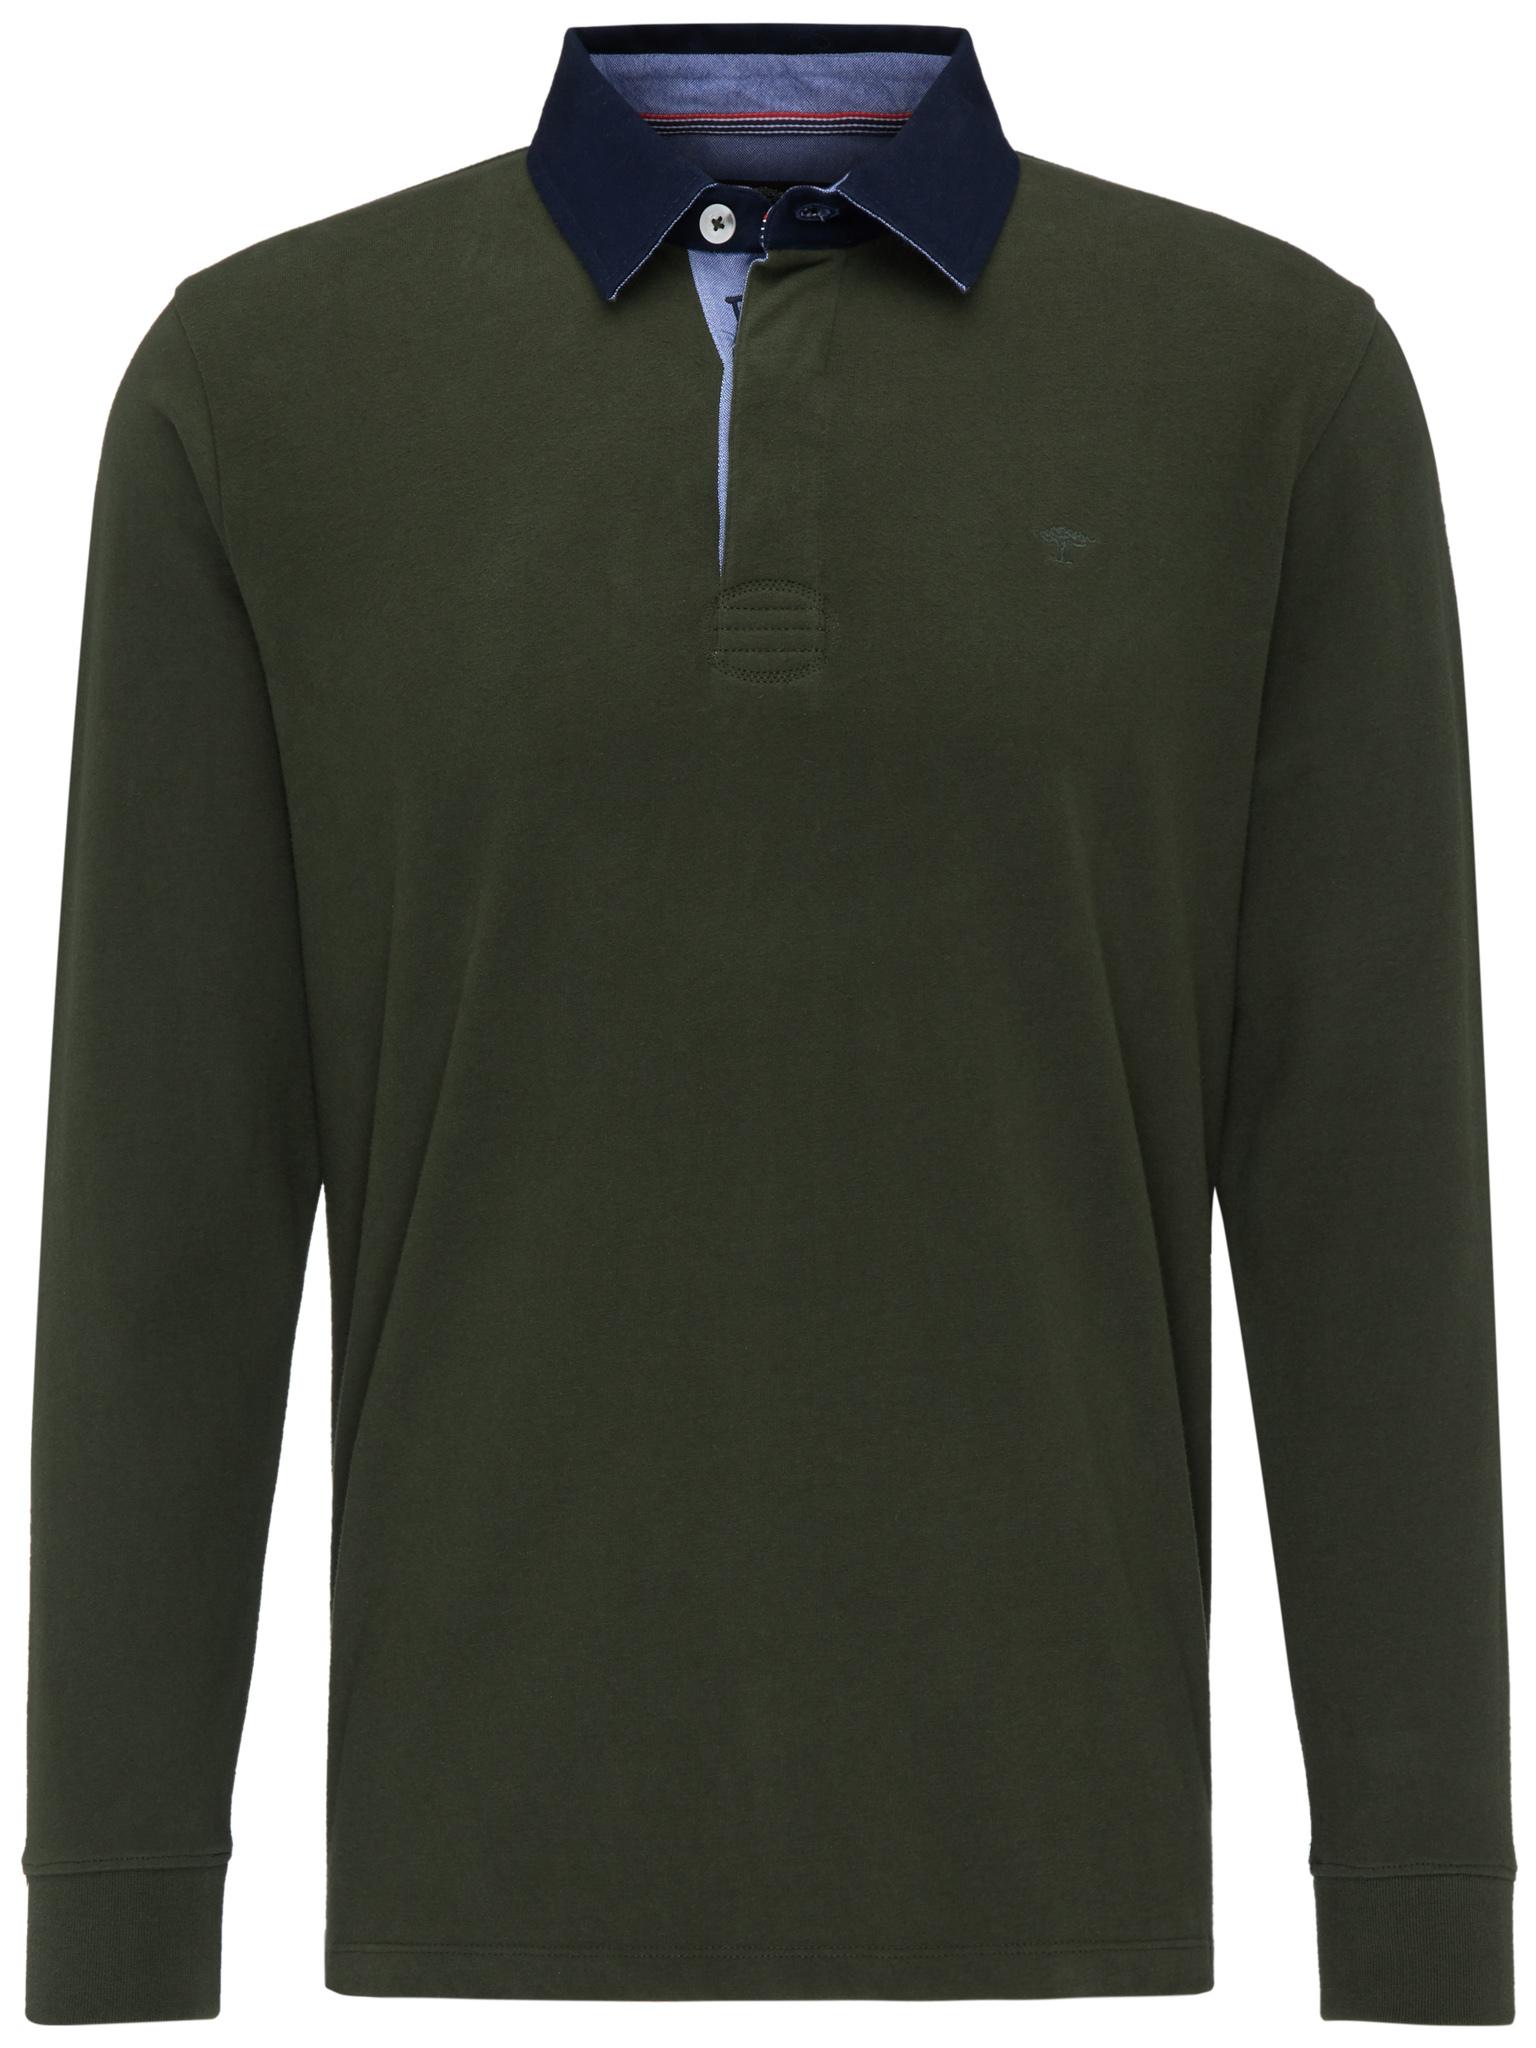 Fynch Hatton cotton half zip knit in green